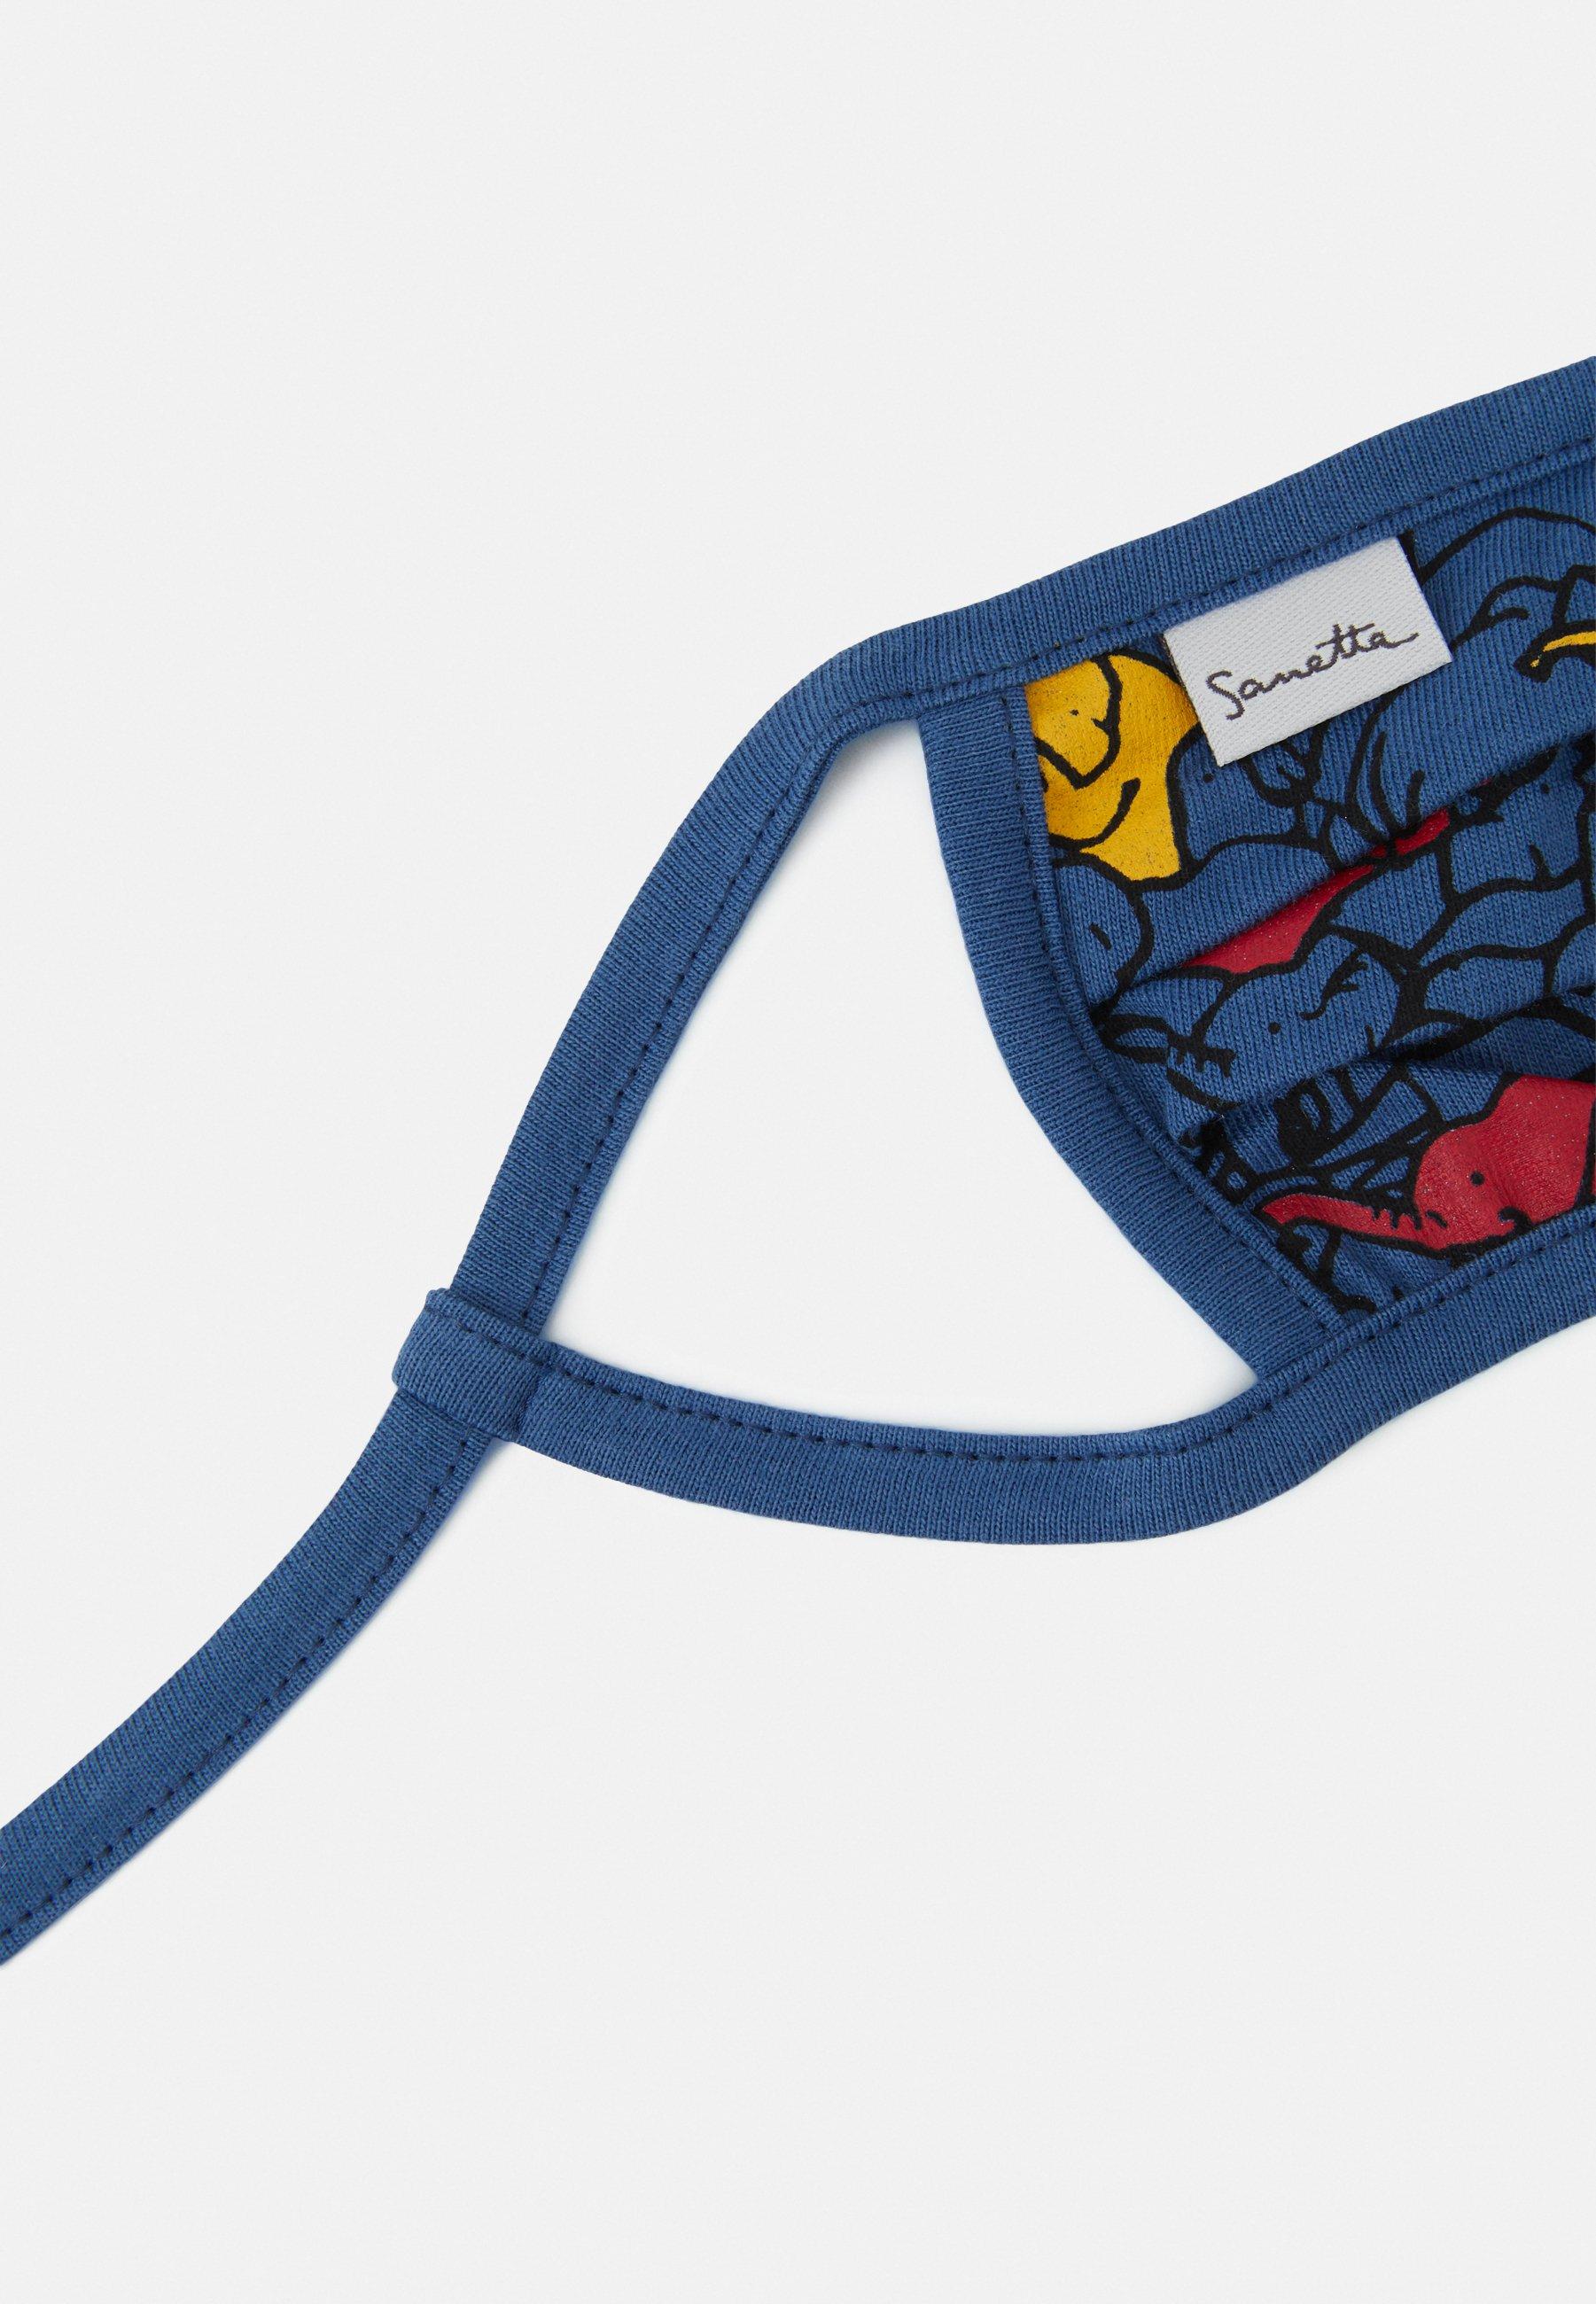 Sanetta FACEMASK 2 PACK - Munnbind i tøy - dark blue/mørkeblå RAvlNBEZba5FMM1